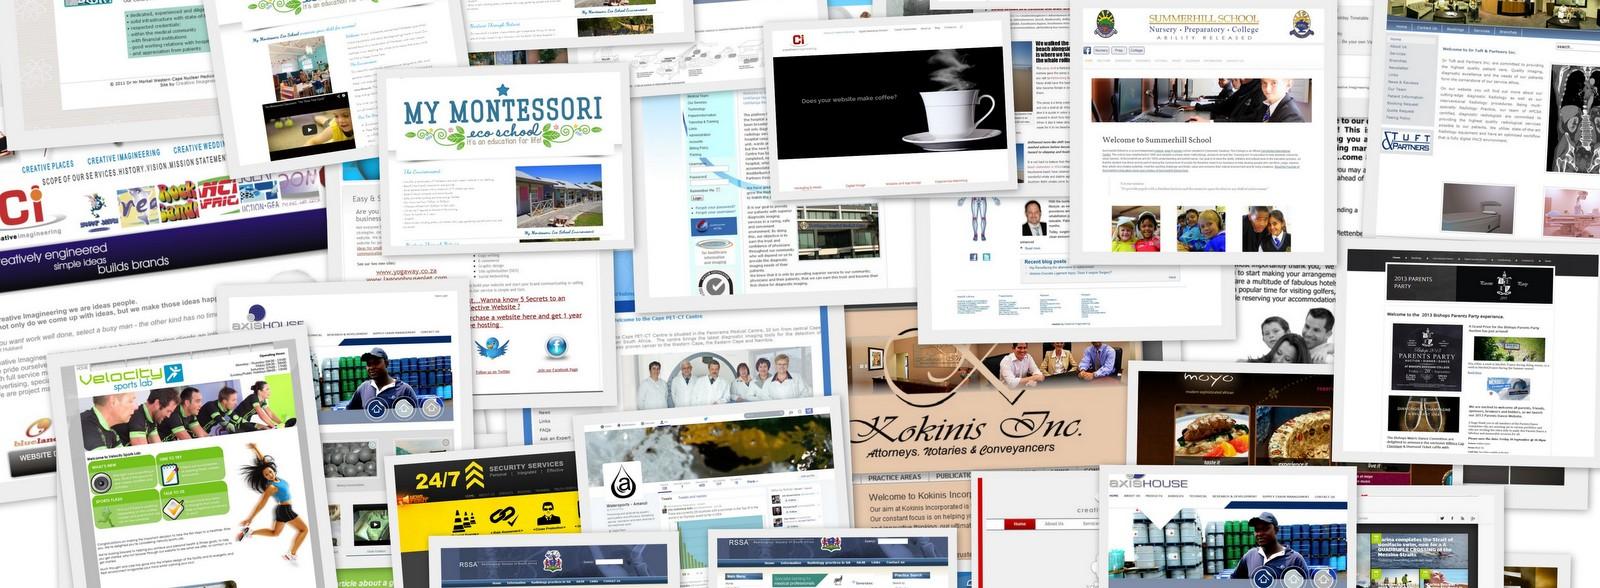 Creative Imagineering Website Design Tips